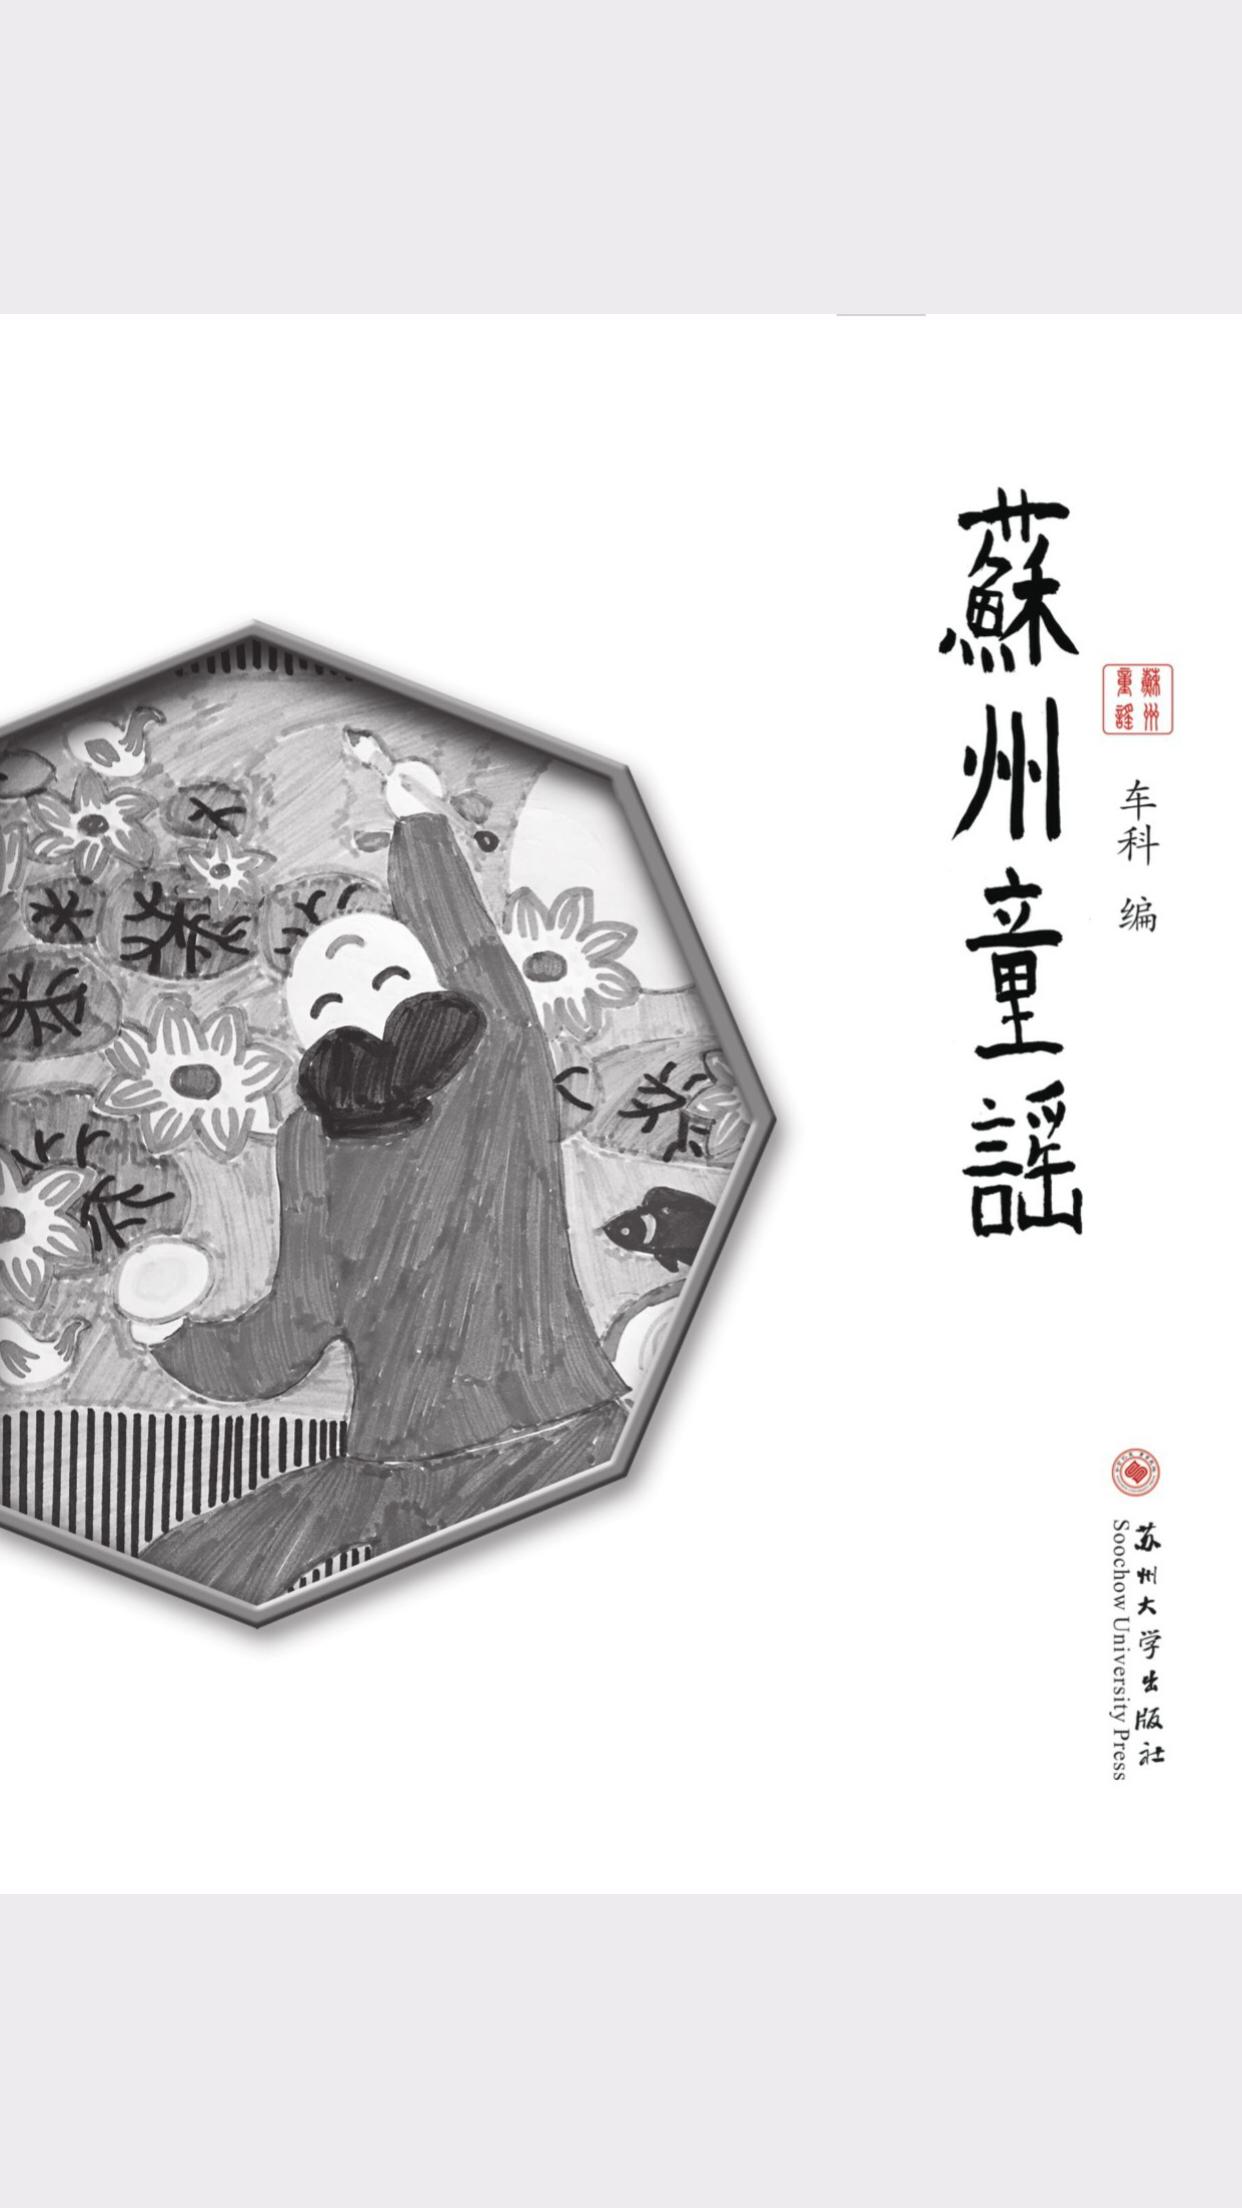 苏州童谣 V2.41.013 安卓版截图1